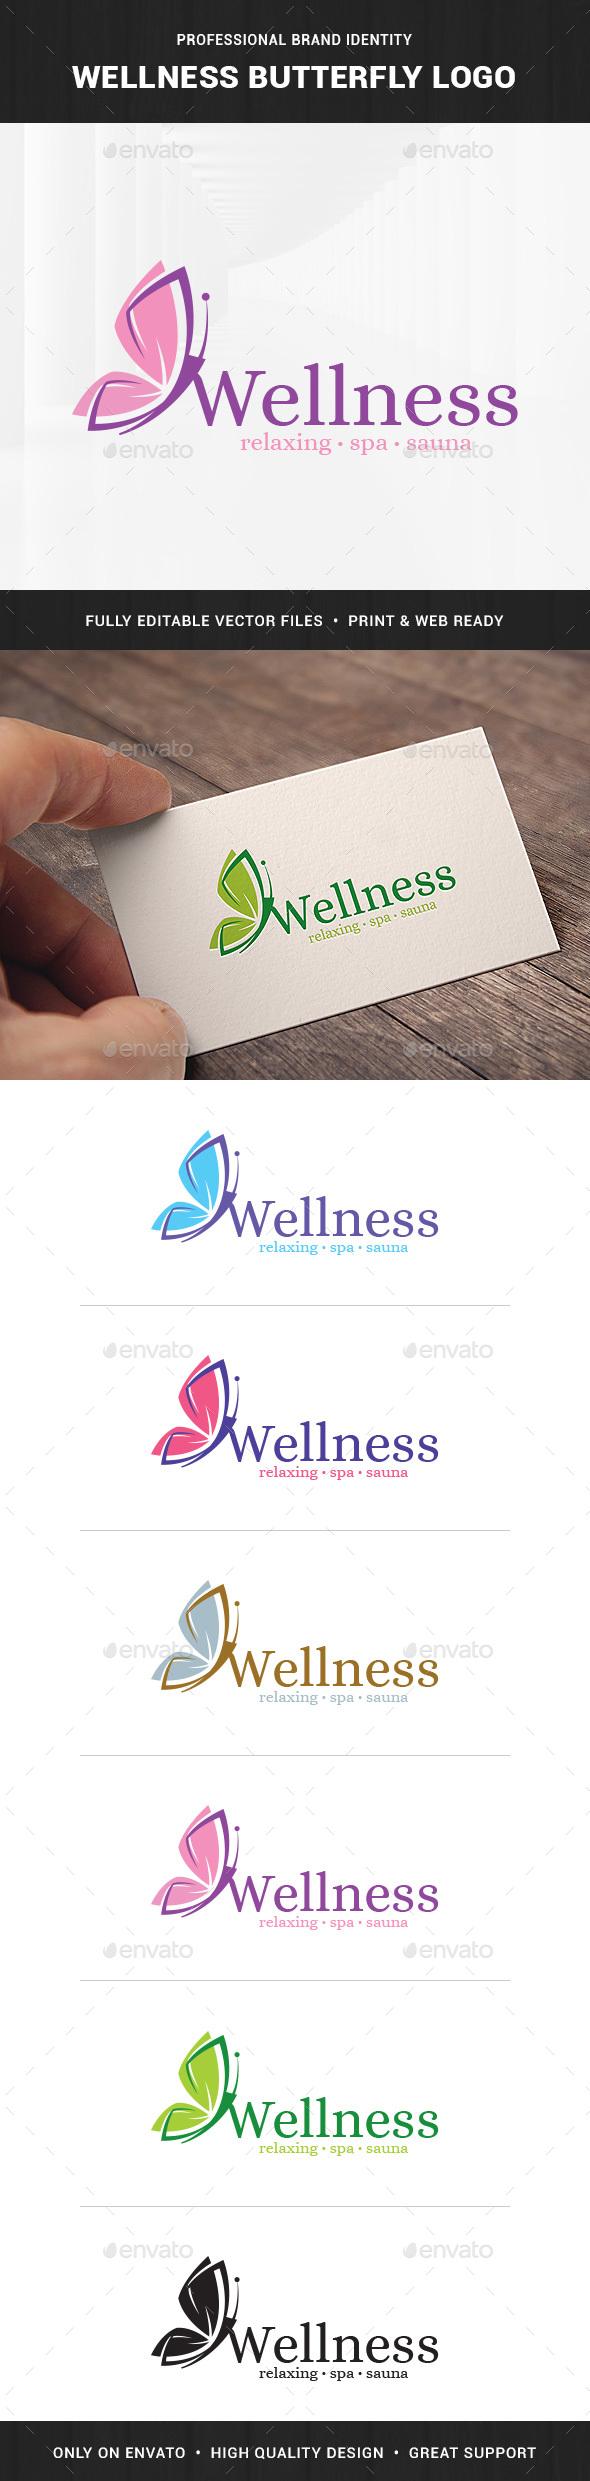 Wellness - Butterfly Logo Template